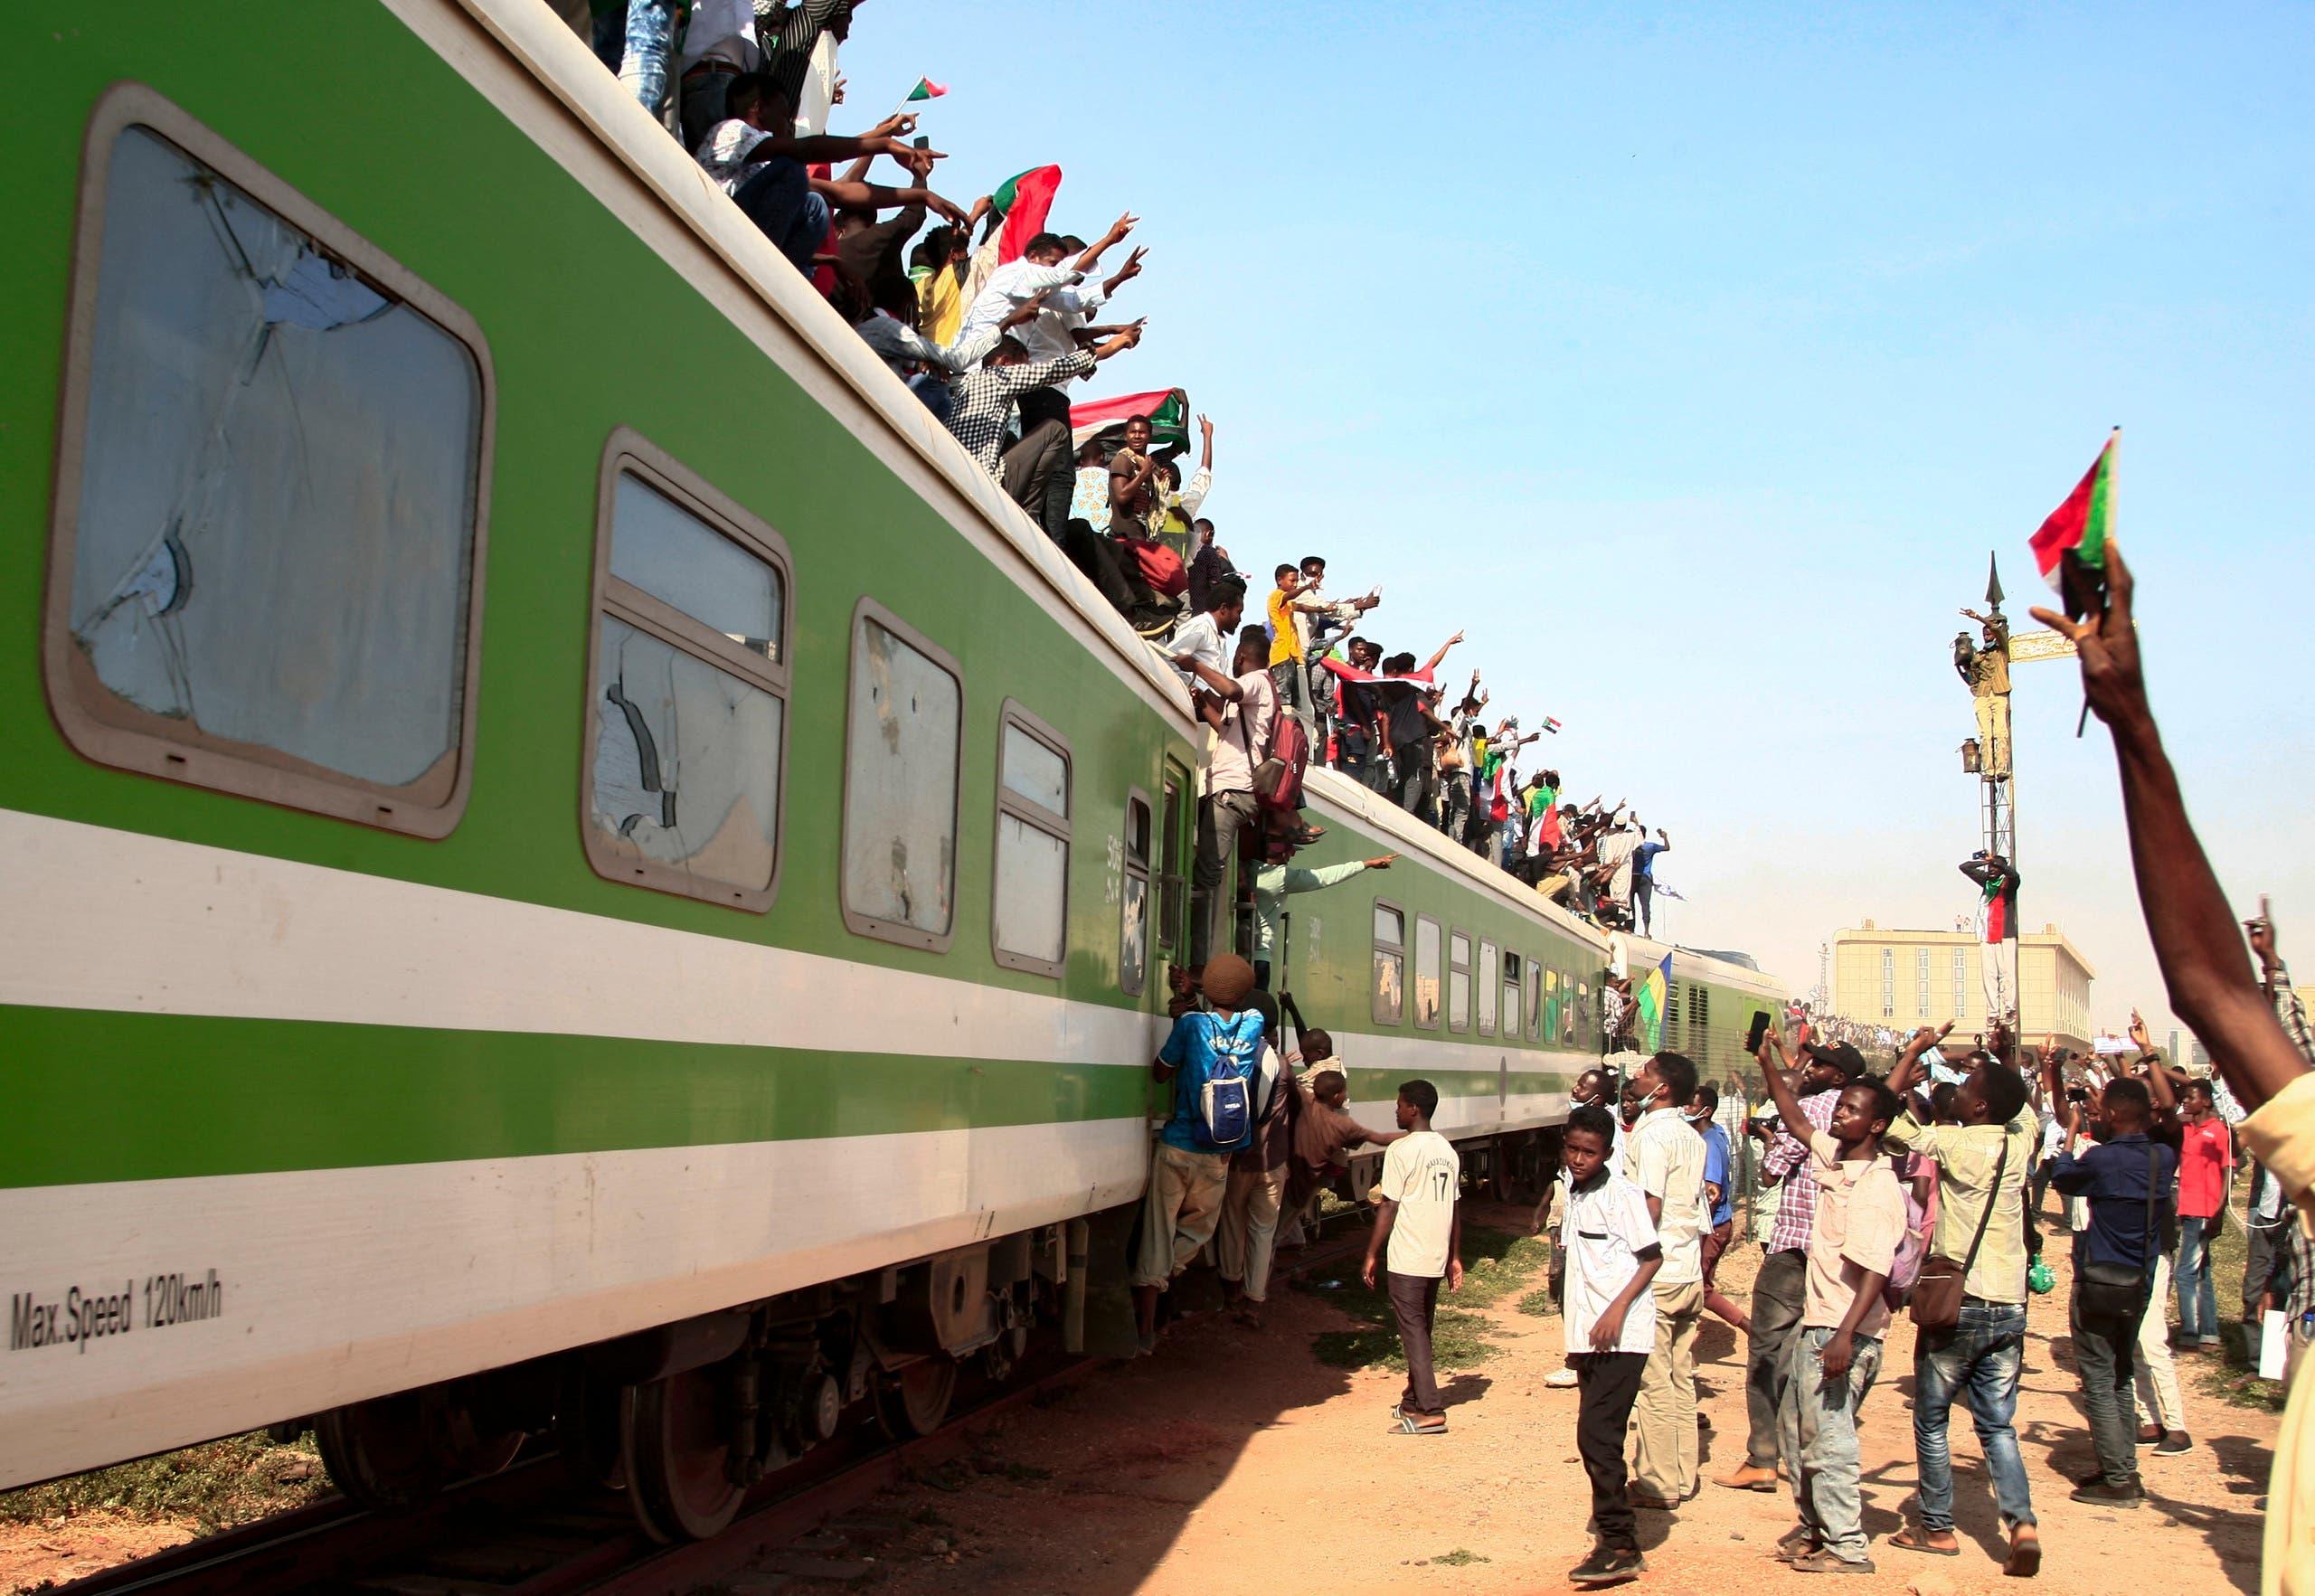 تظاهرات دعم للتحول المدني في السودان (أرشيفية- فرانس برس)